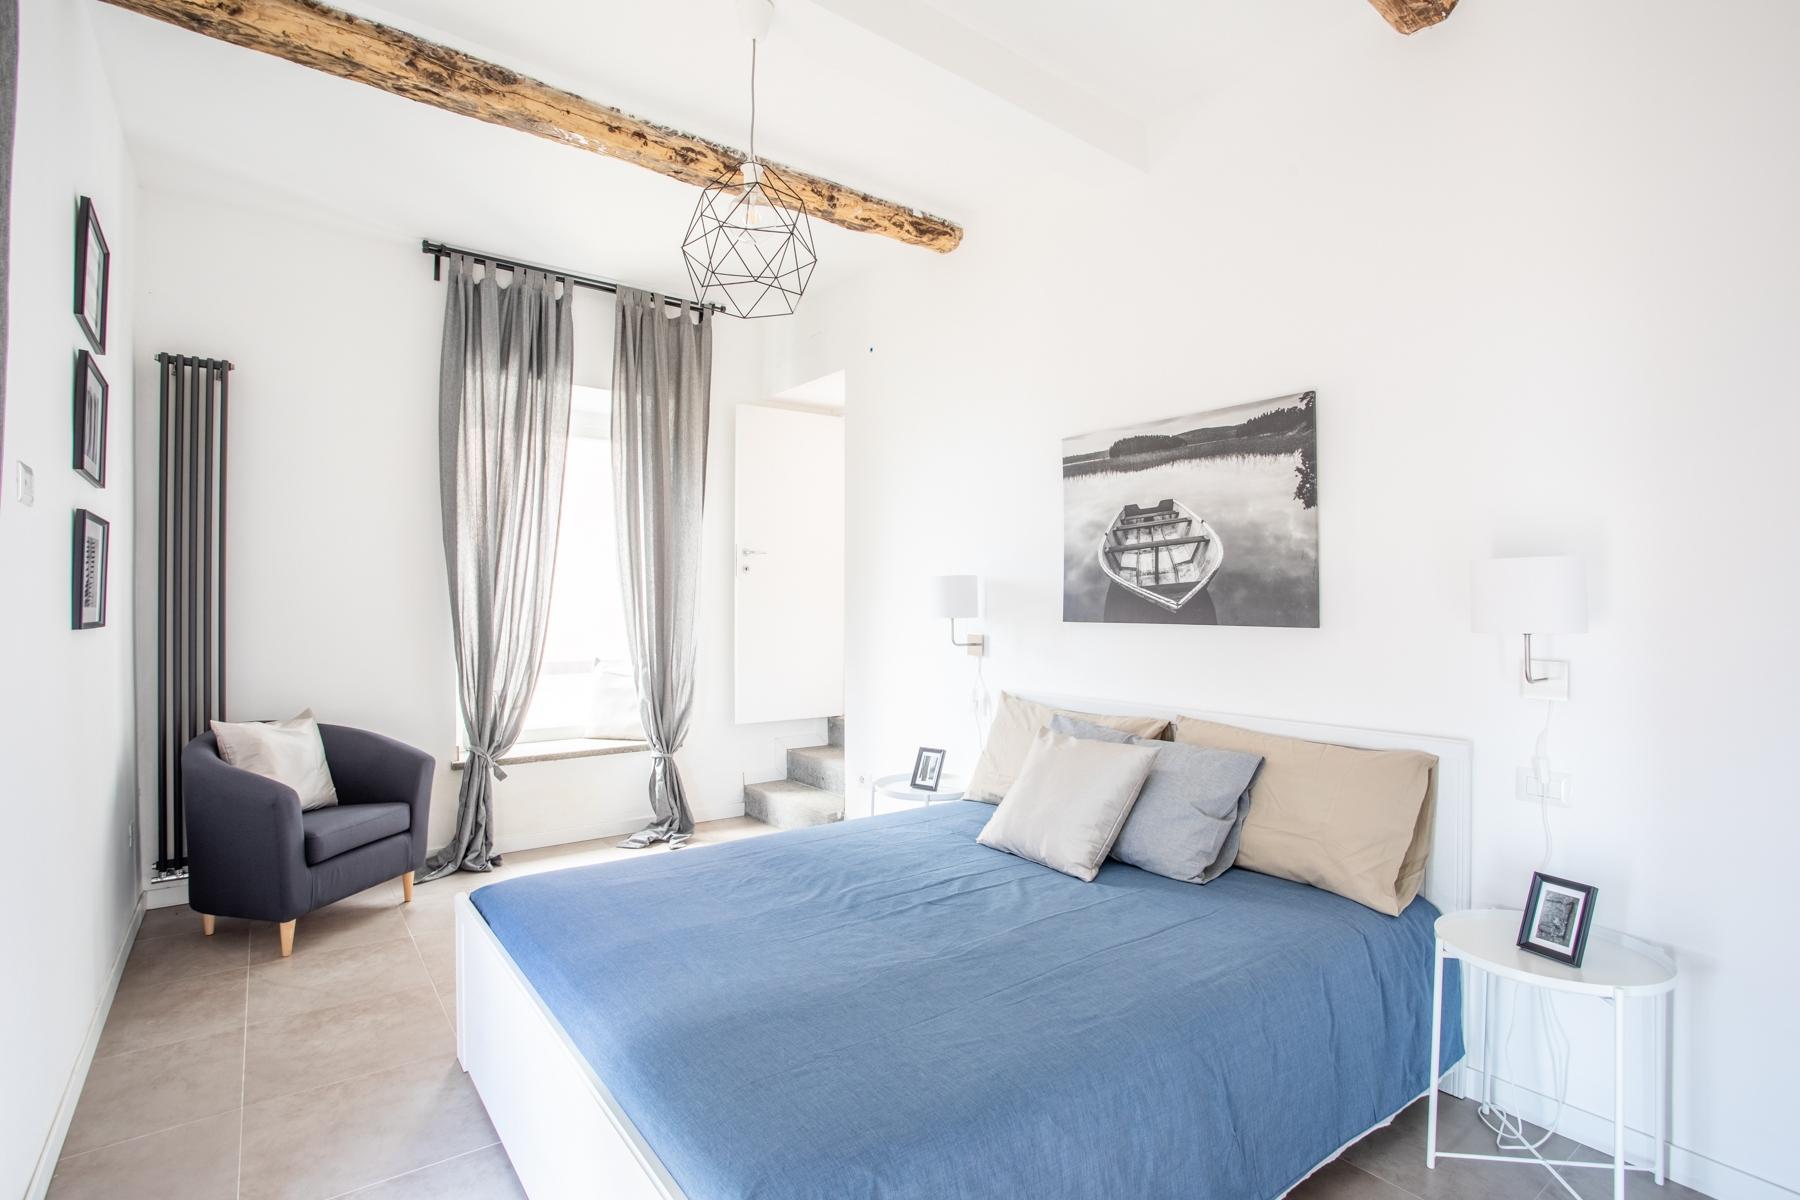 Casa indipendente in Vendita a Trevignano Romano: 5 locali, 163 mq - Foto 14